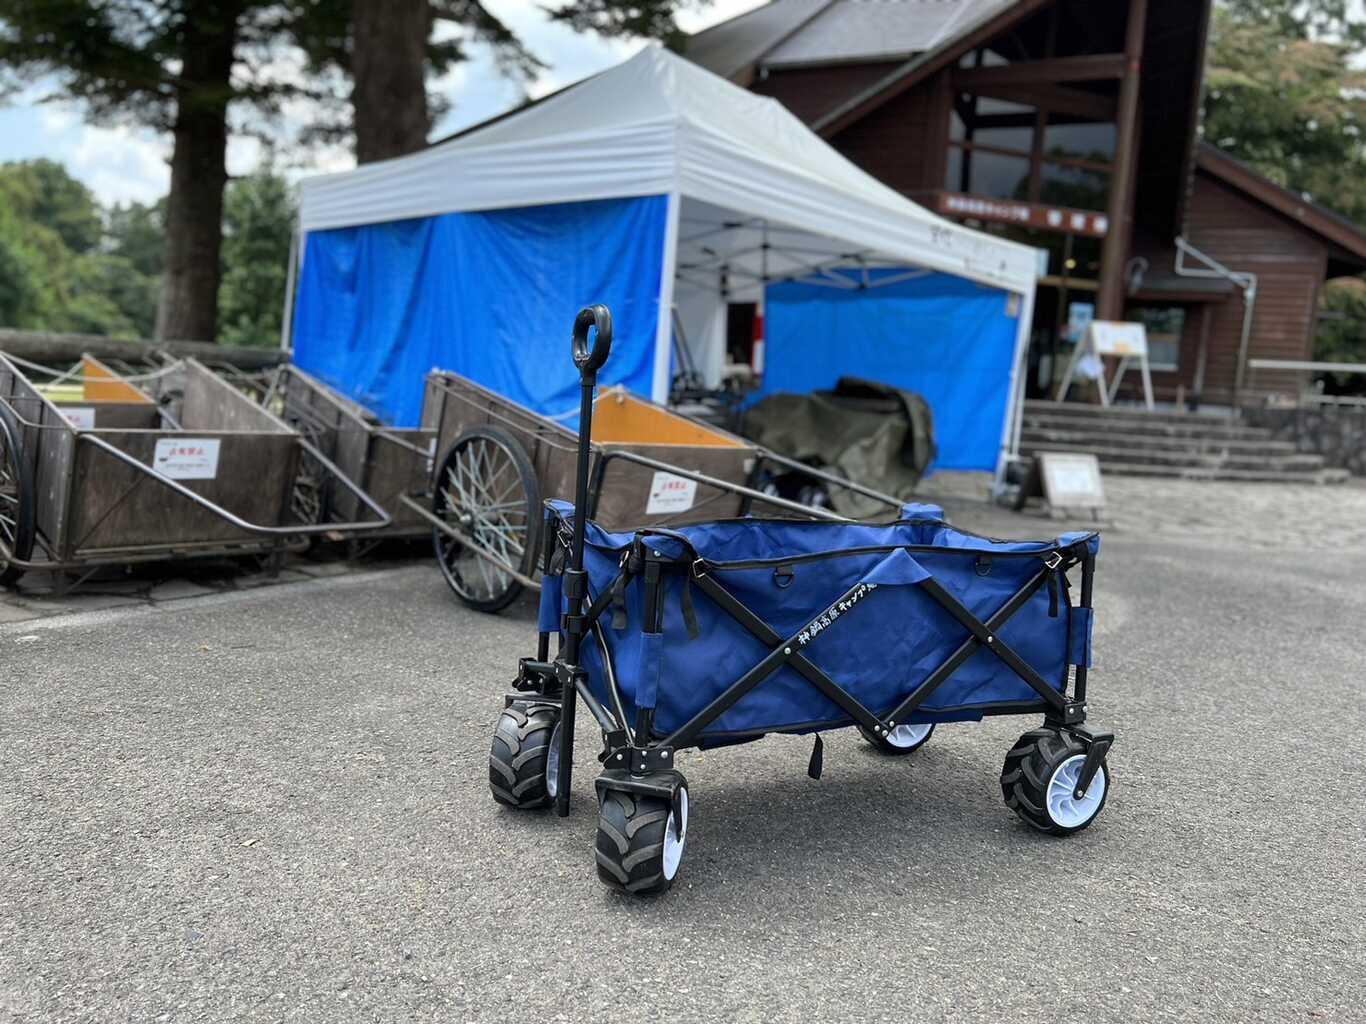 神鍋高原キャンプ場 の公式写真c9163